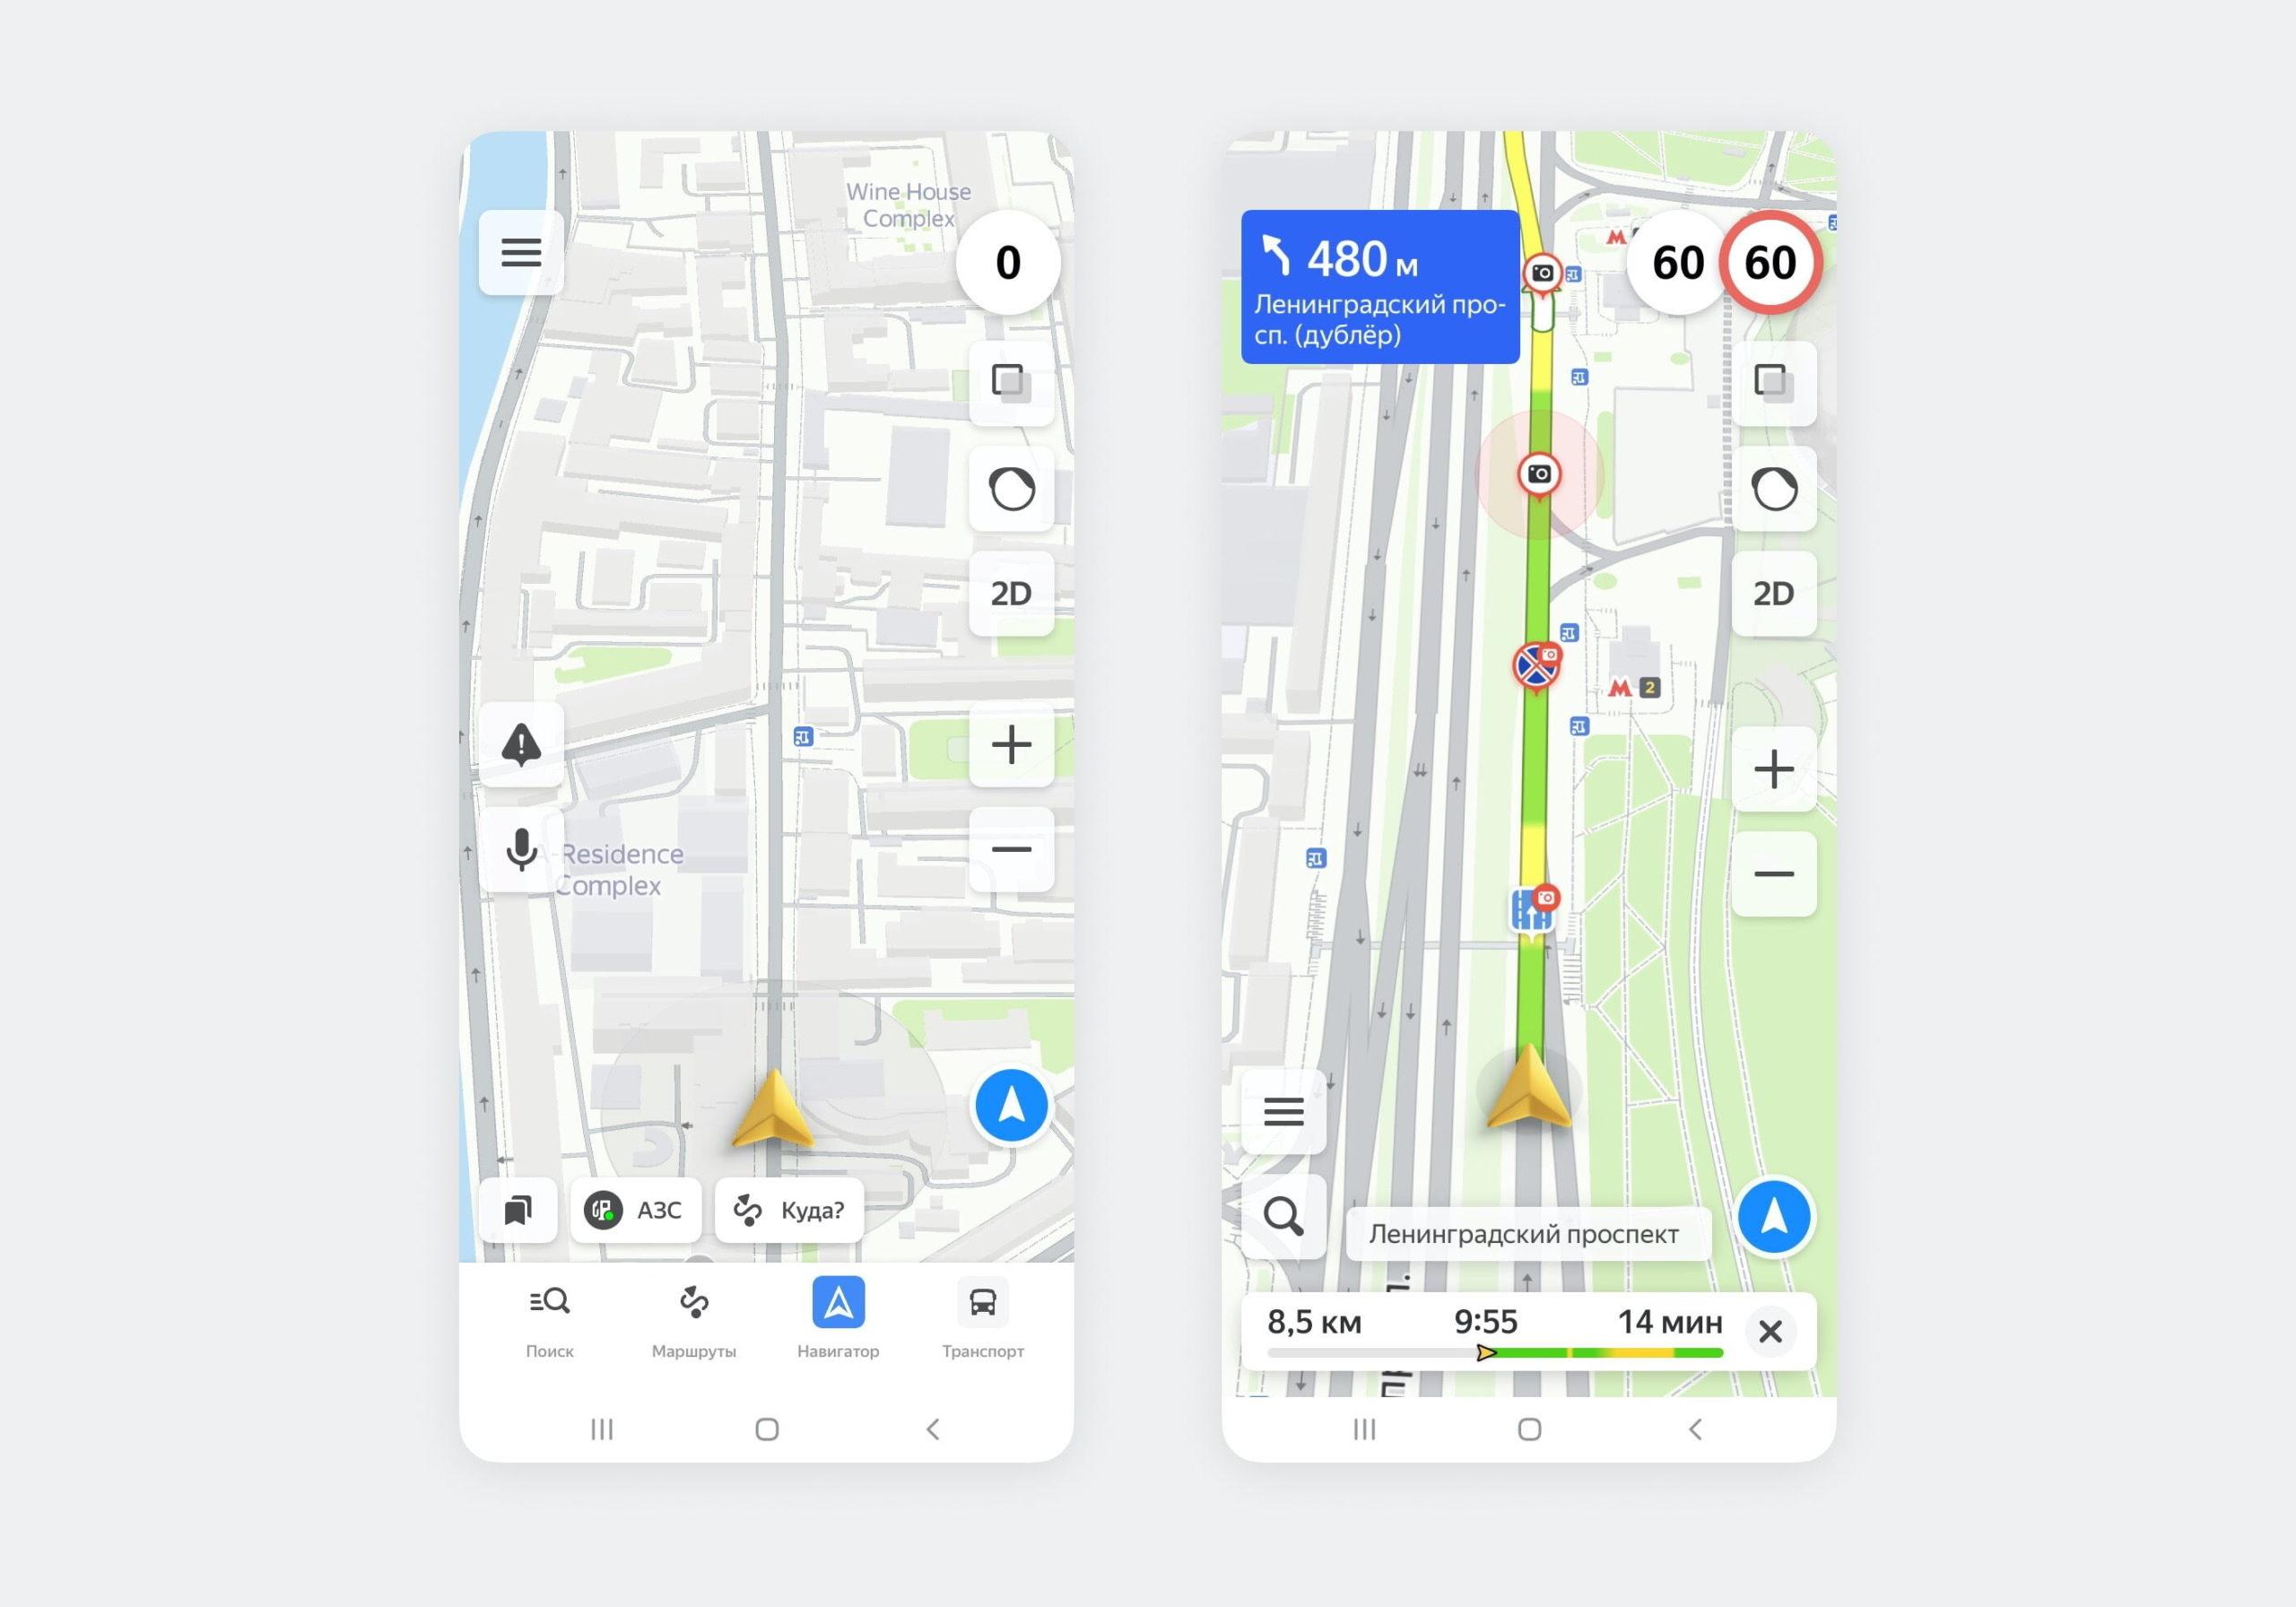 В «Яндекс.Картах» внедрены функции «Яндекс.Навигатора»